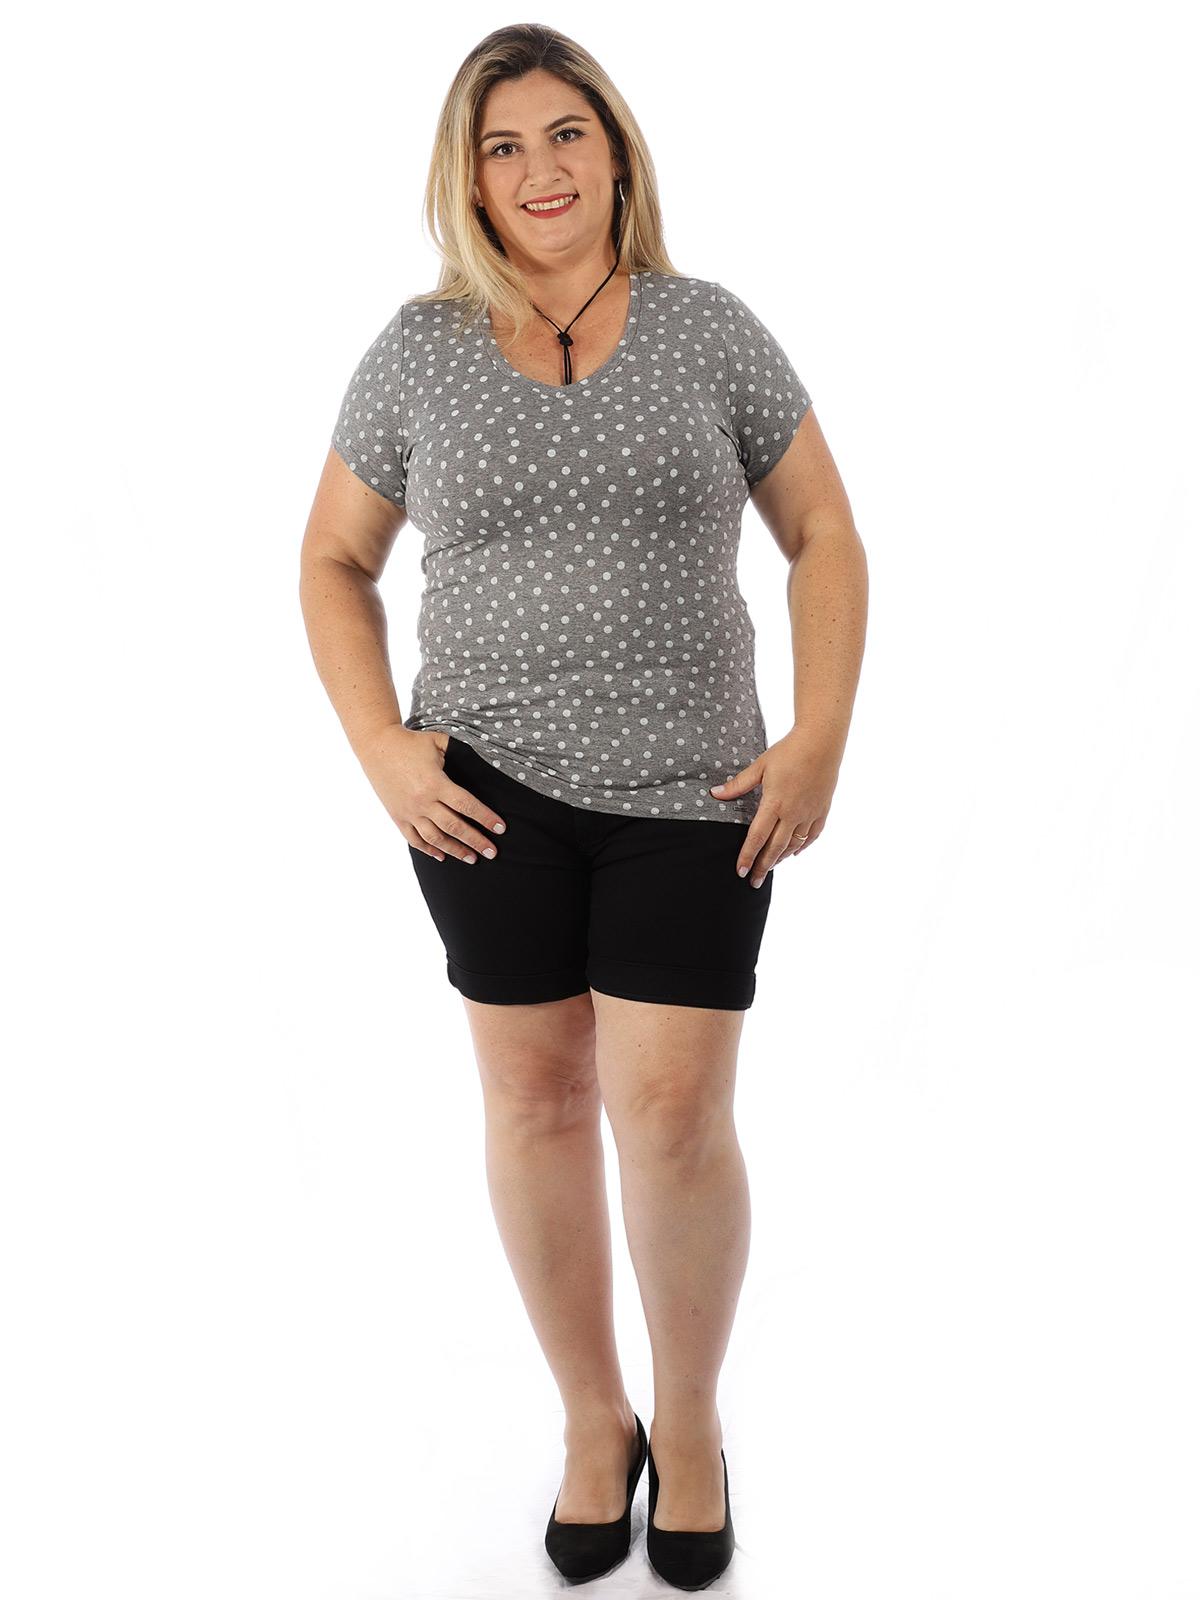 Blusa Plus Size Feminina Decote V. Estampada Mescla Escuro